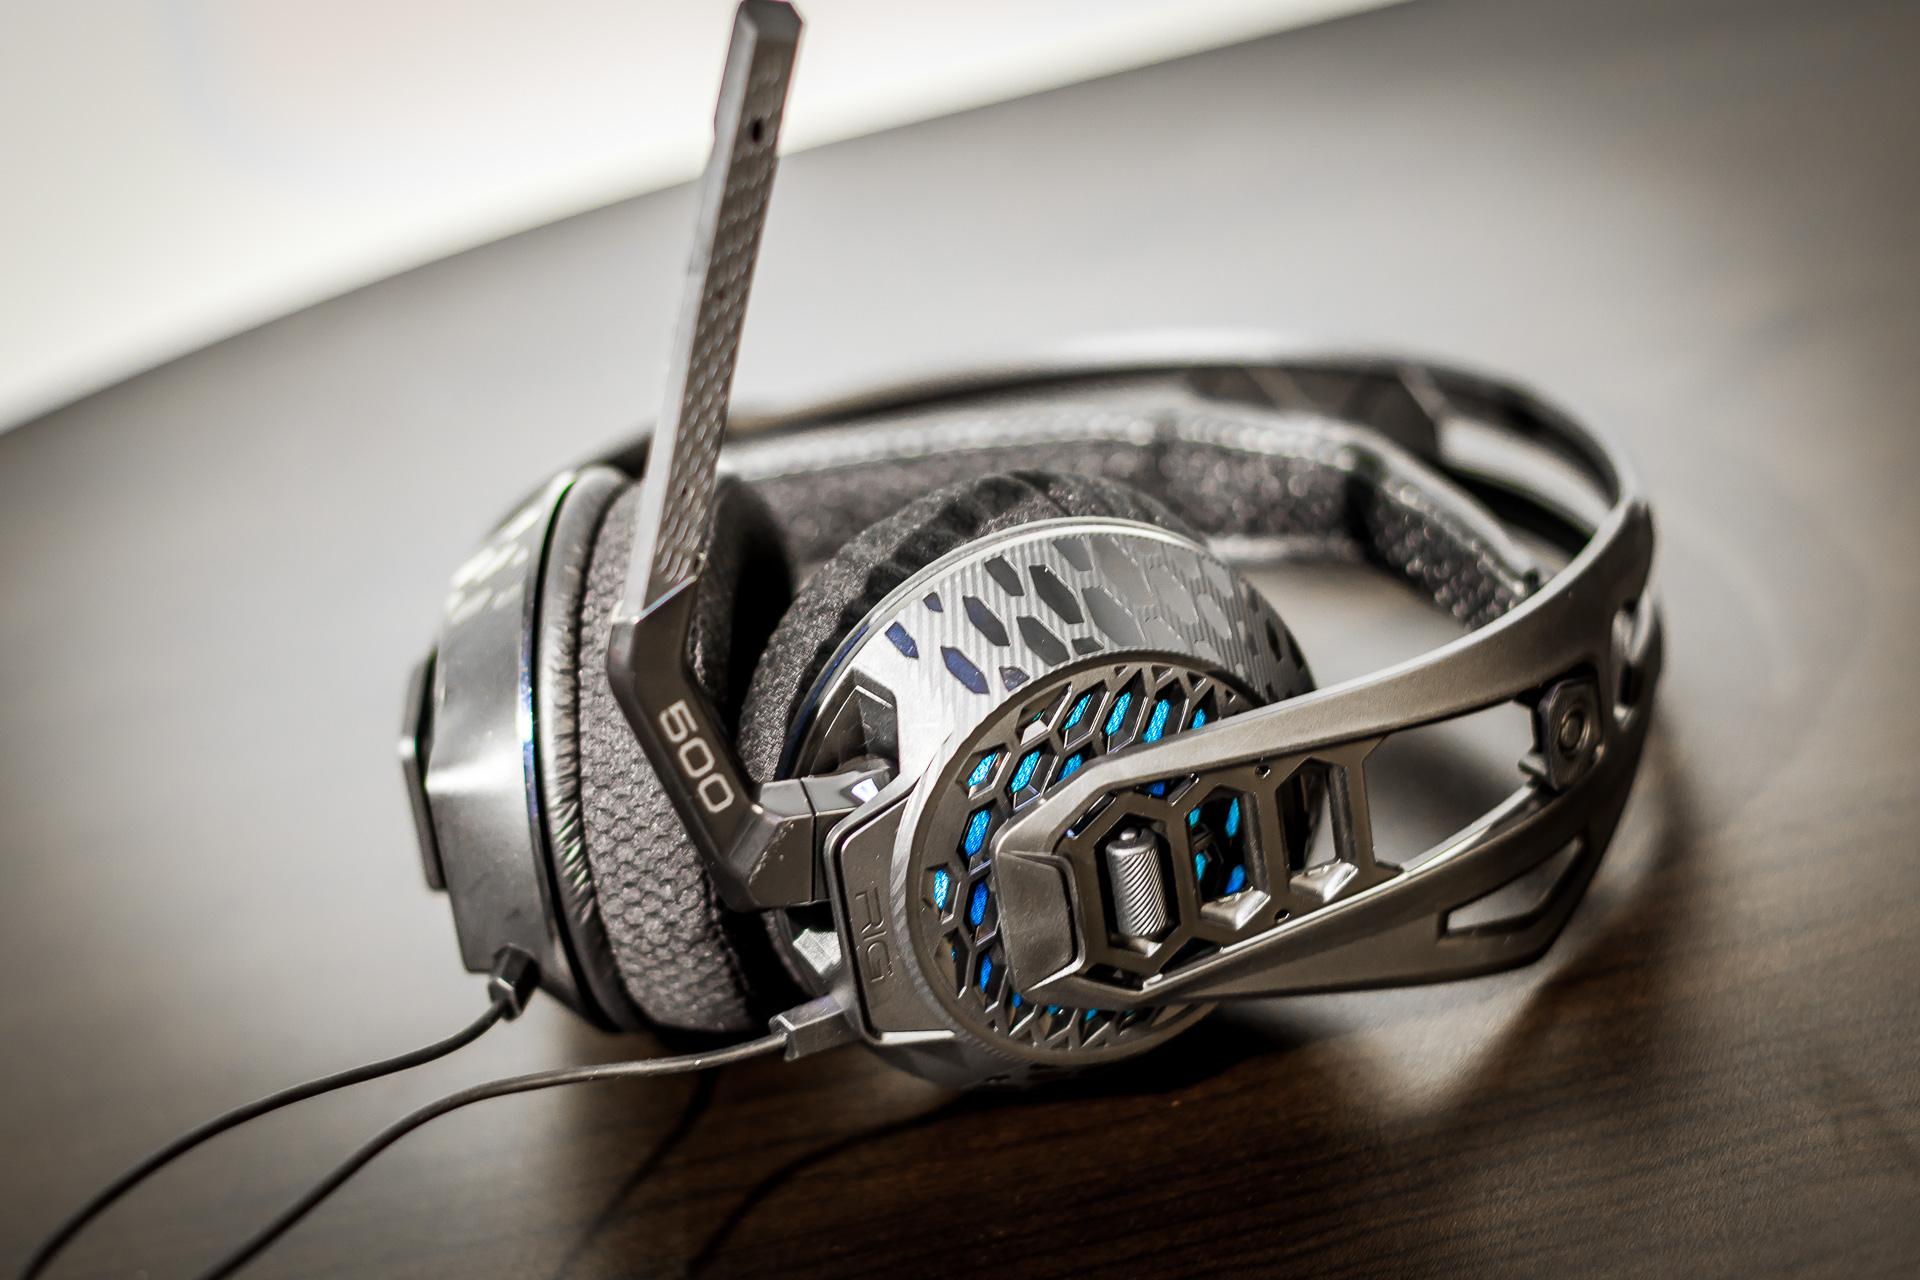 Recensione cuffie Plantronics Rig 500E  un headset multi-piattaforma ... 0623593e0e15